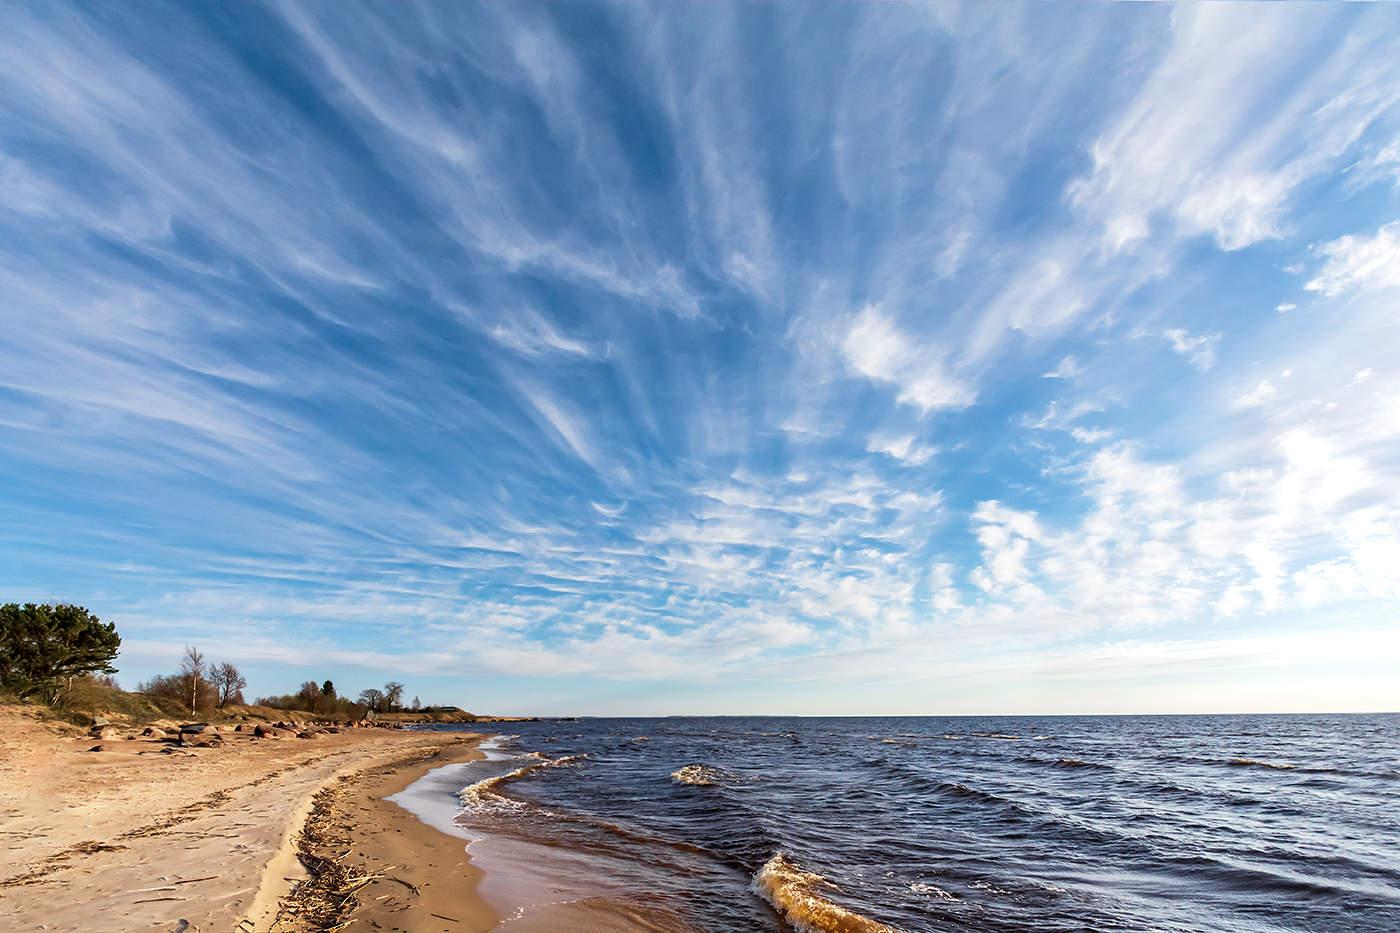 чудское озеро фото советом другими